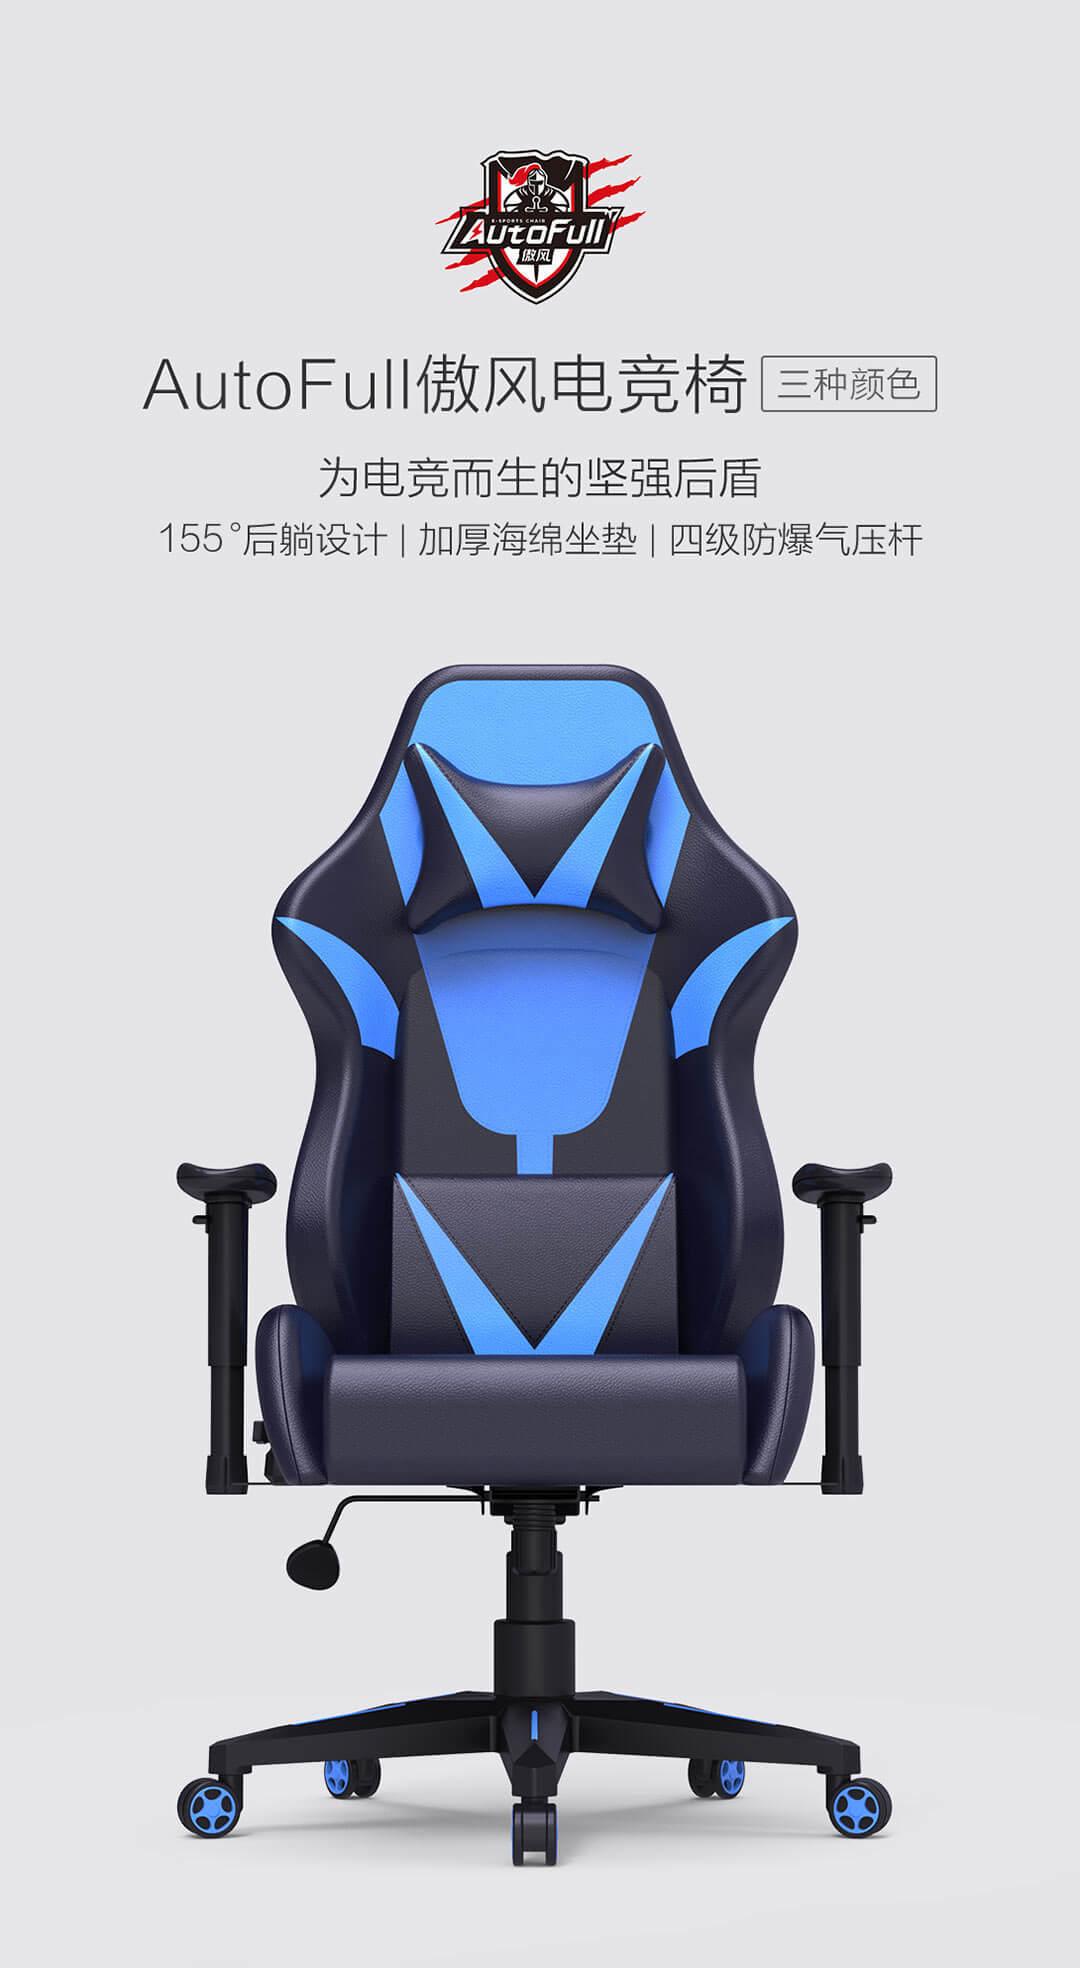 شیائومی یک صندلی گیمینگ معرفی کرد